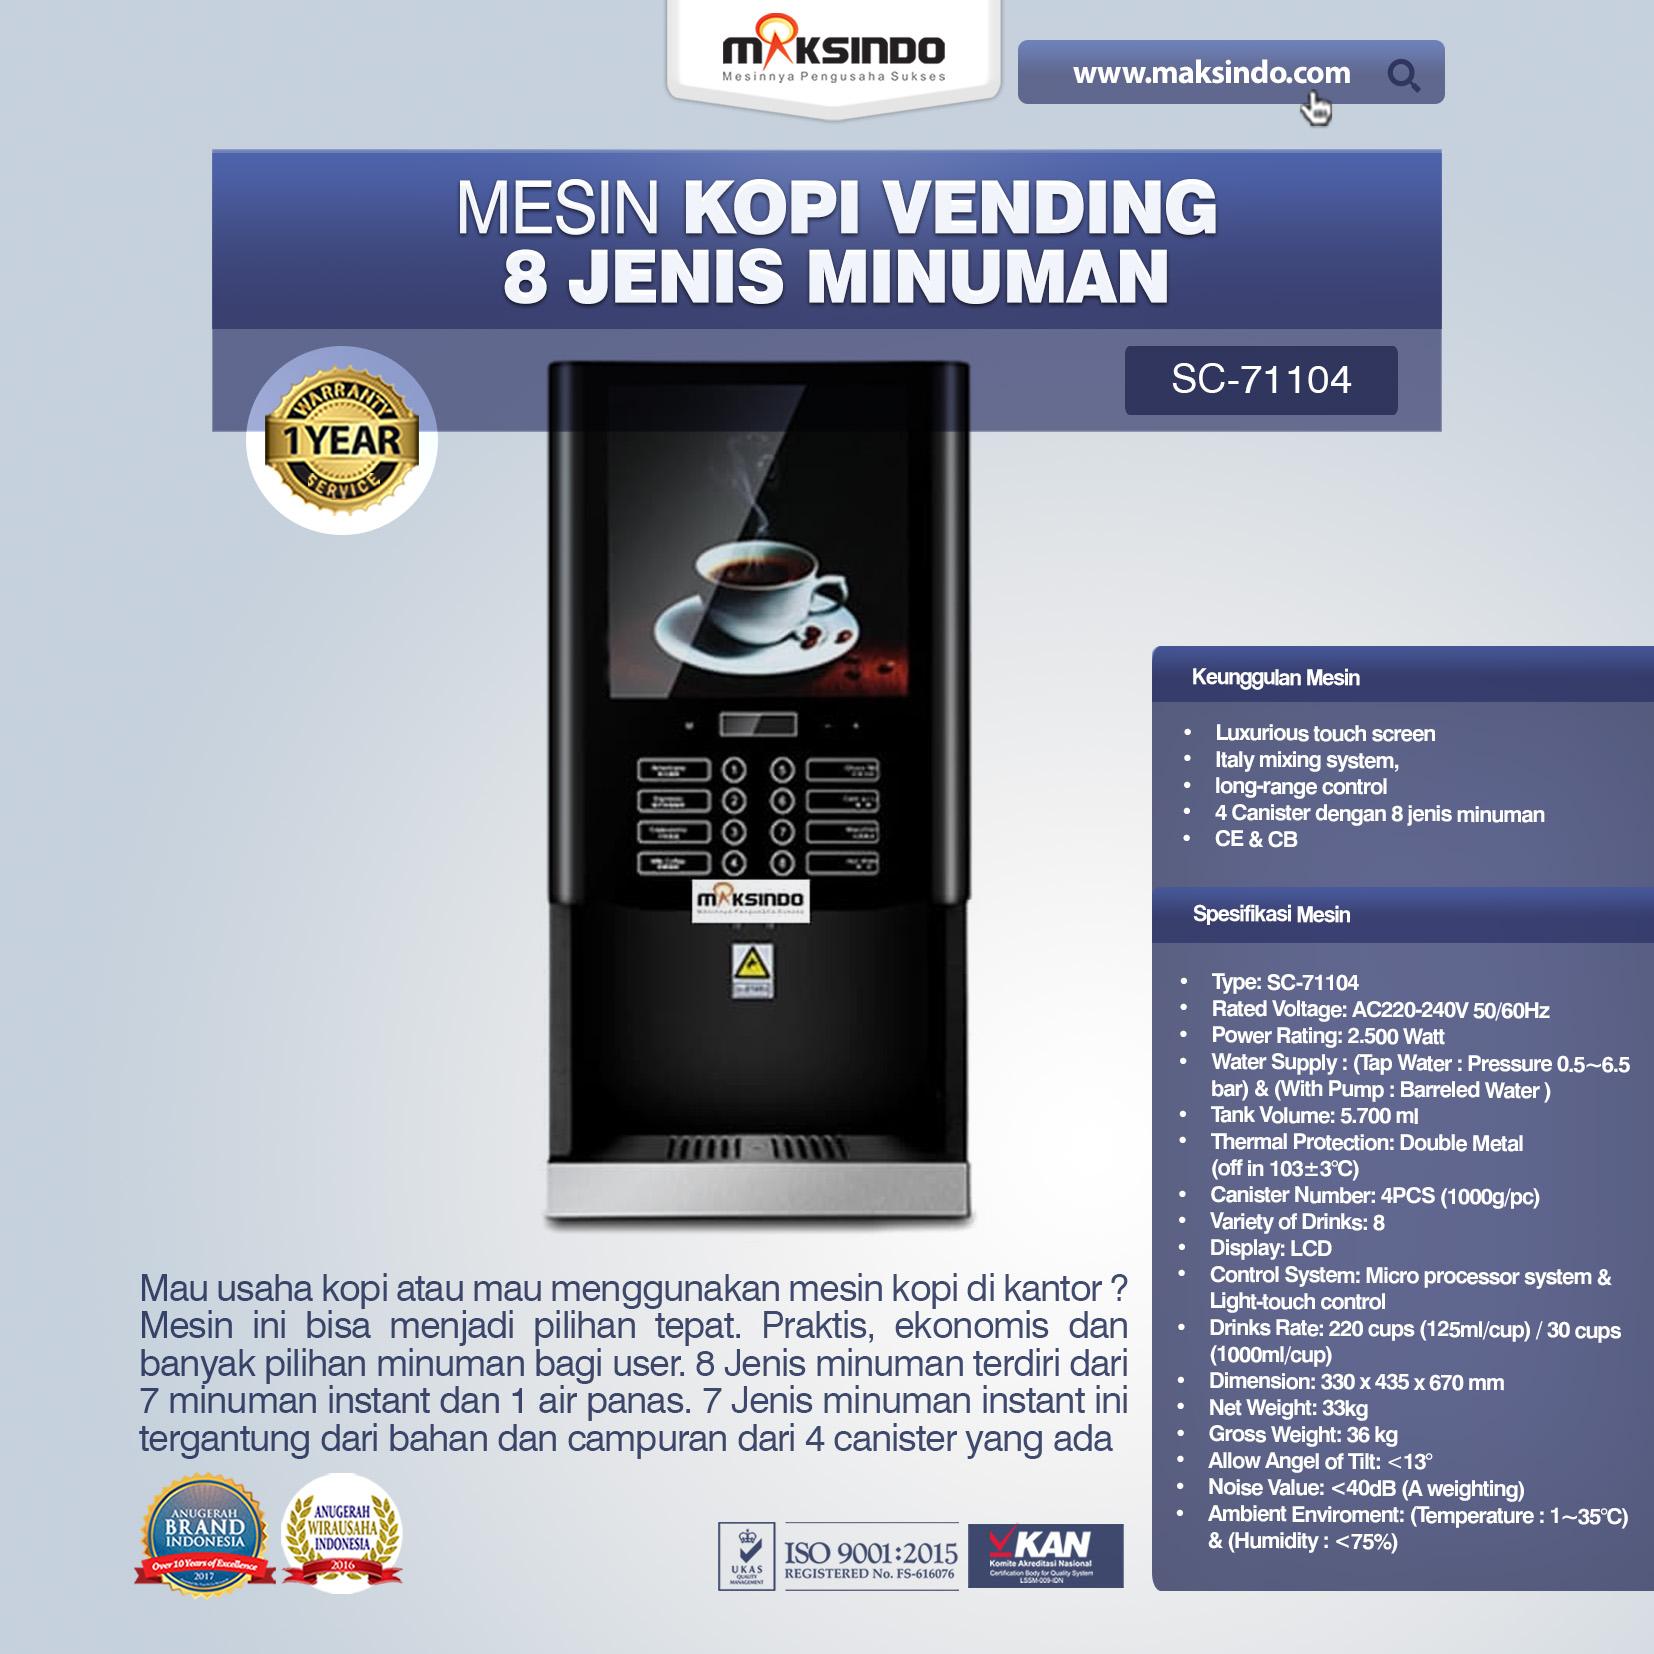 Jual Mesin Kopi Vending 8 Jenis Minuman di Palembang